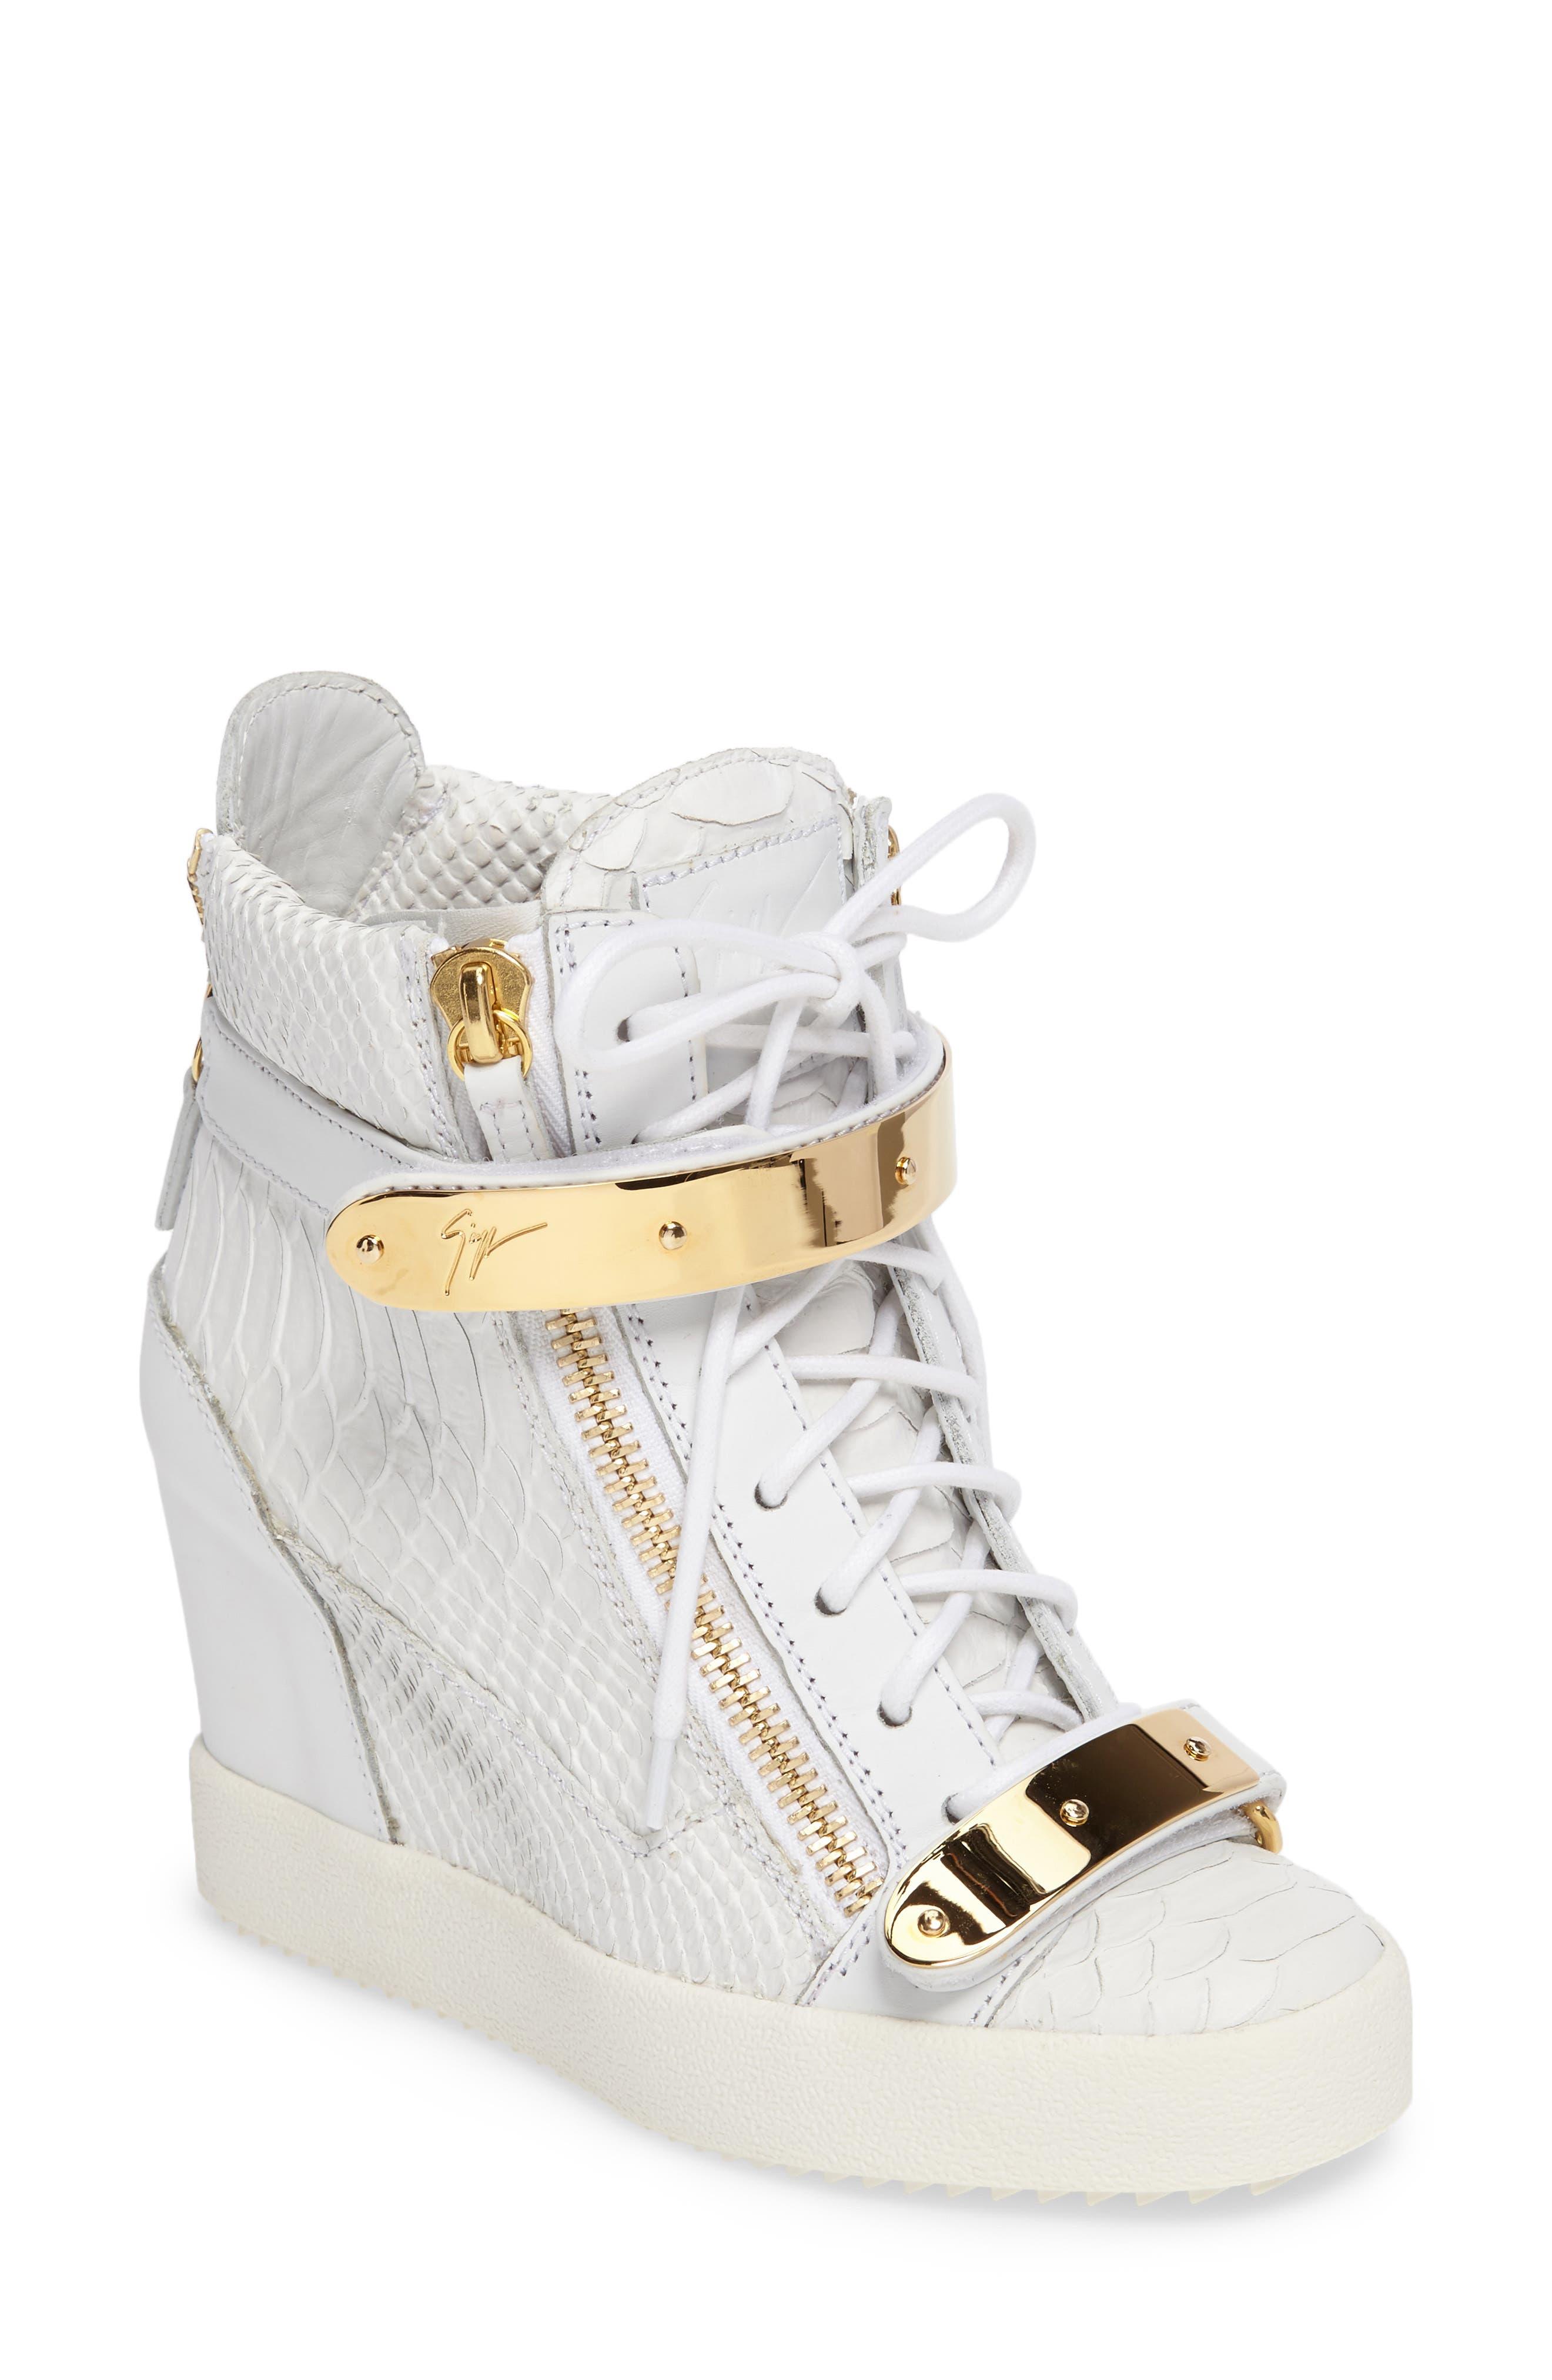 Alternate Image 1 Selected - Giuseppe Zanotti Wedge Sneaker (Women)